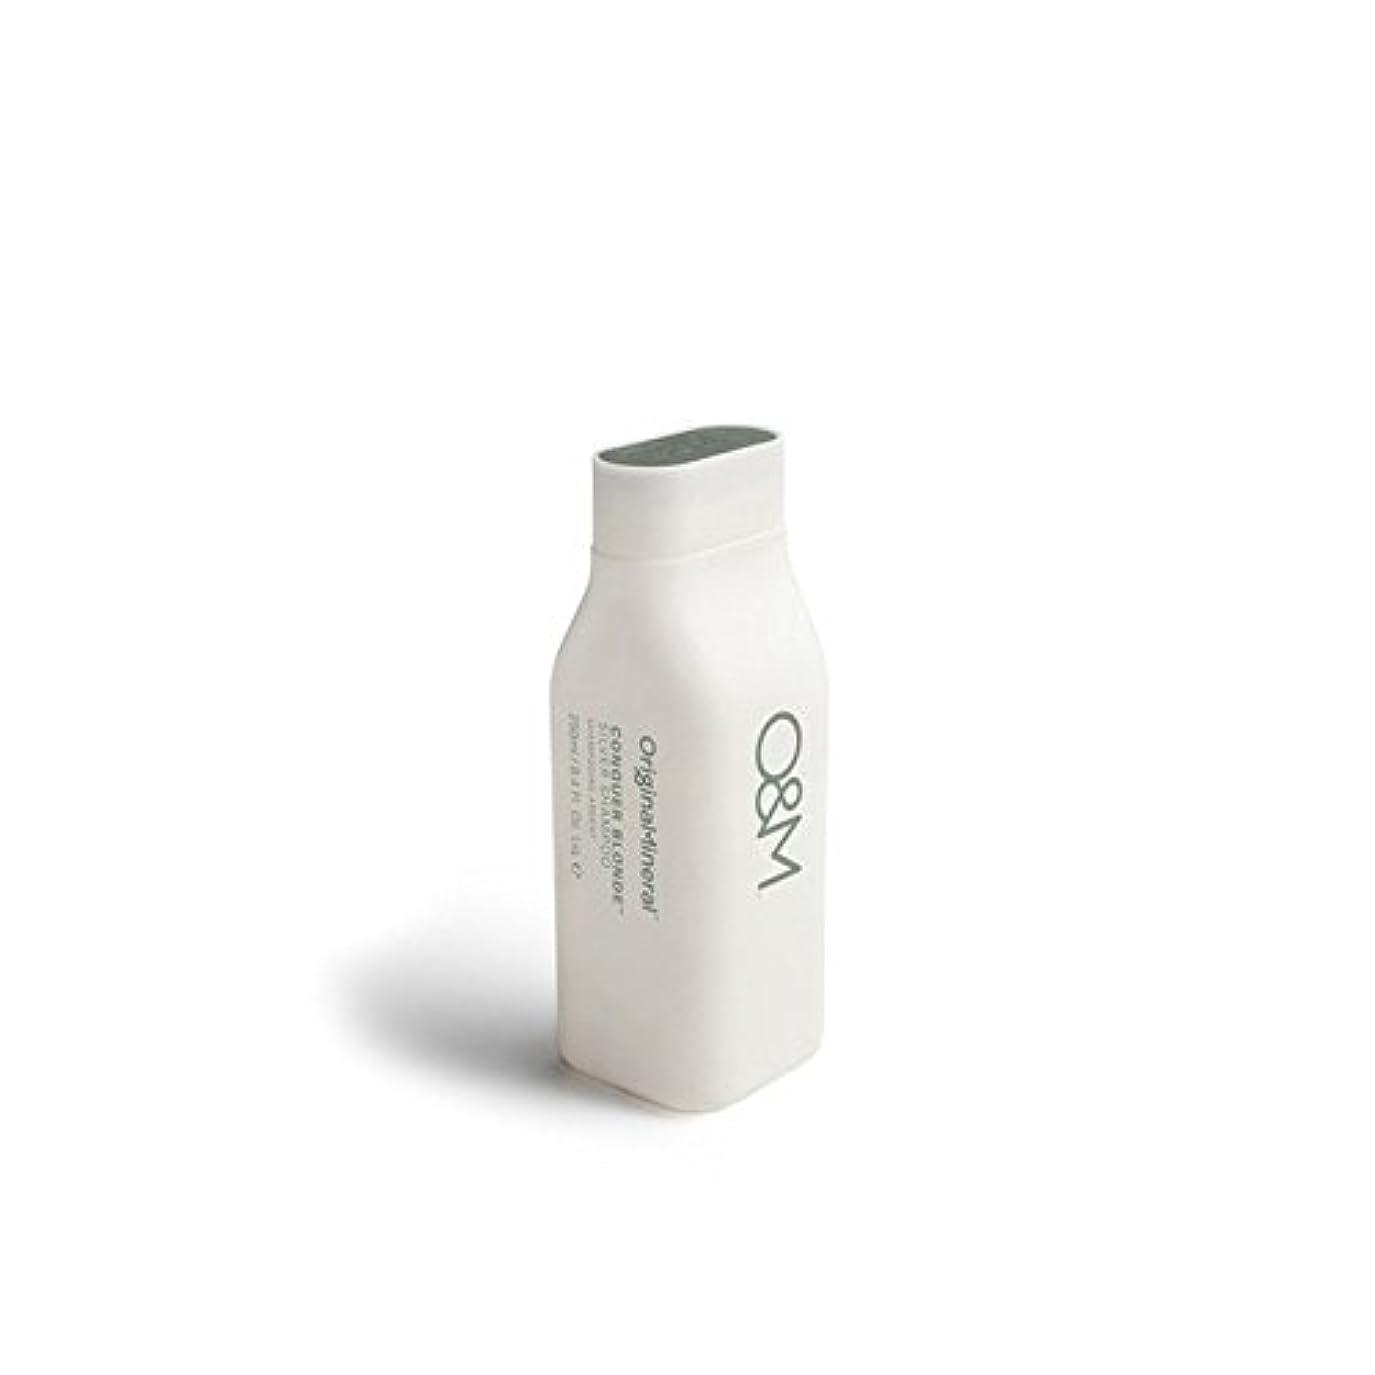 離婚地球からオリジナル&ミネラル統治ブロンド銀シャンプー(250ミリリットル) x2 - Original & Mineral Conquer Blonde Silver Shampoo (250ml) (Pack of 2) [並行輸入品]